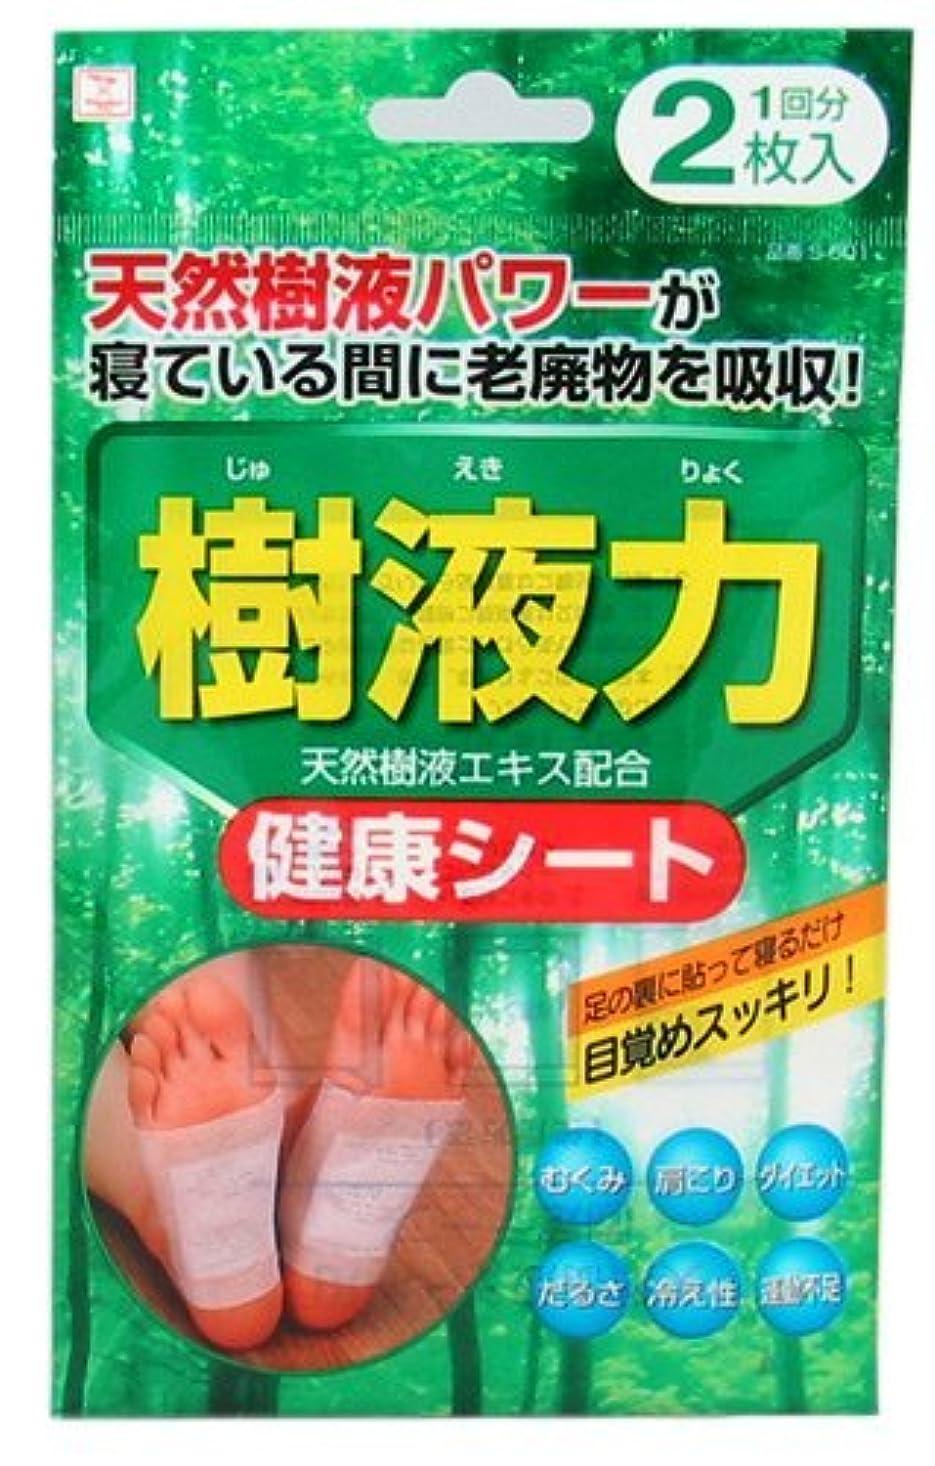 確率成分人小久保(Kokubo) 樹液力 健康シート 2枚入 (台紙)【まとめ買い12個セット】 S-601